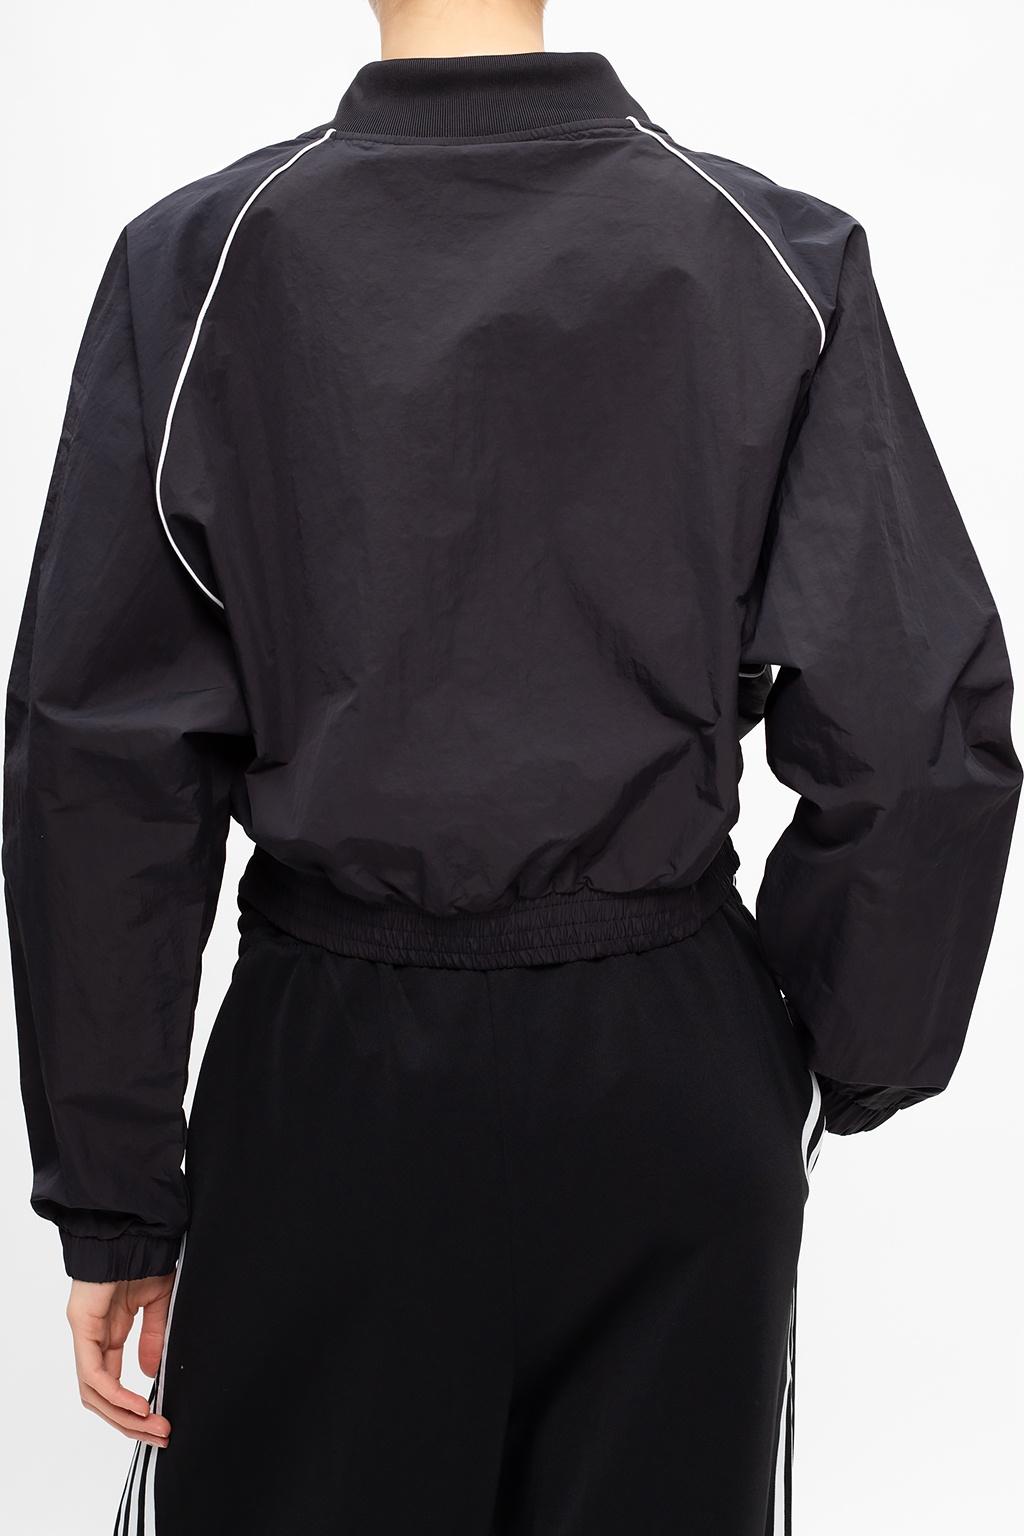 ADIDAS Originals 品牌运动夹克